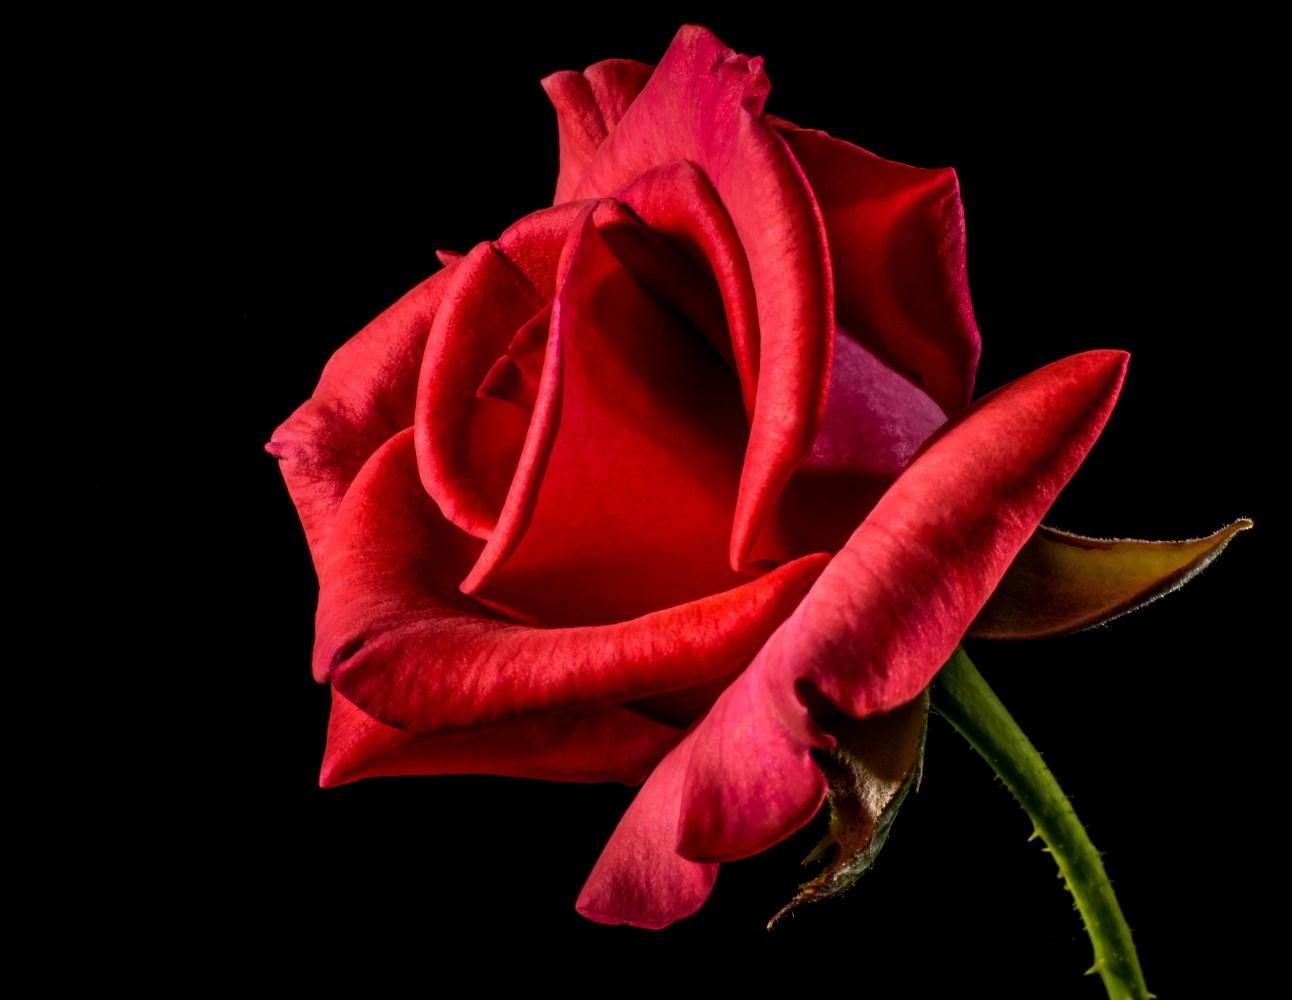 Kostenlose Bilder zum Thema rote rosen  Pexels